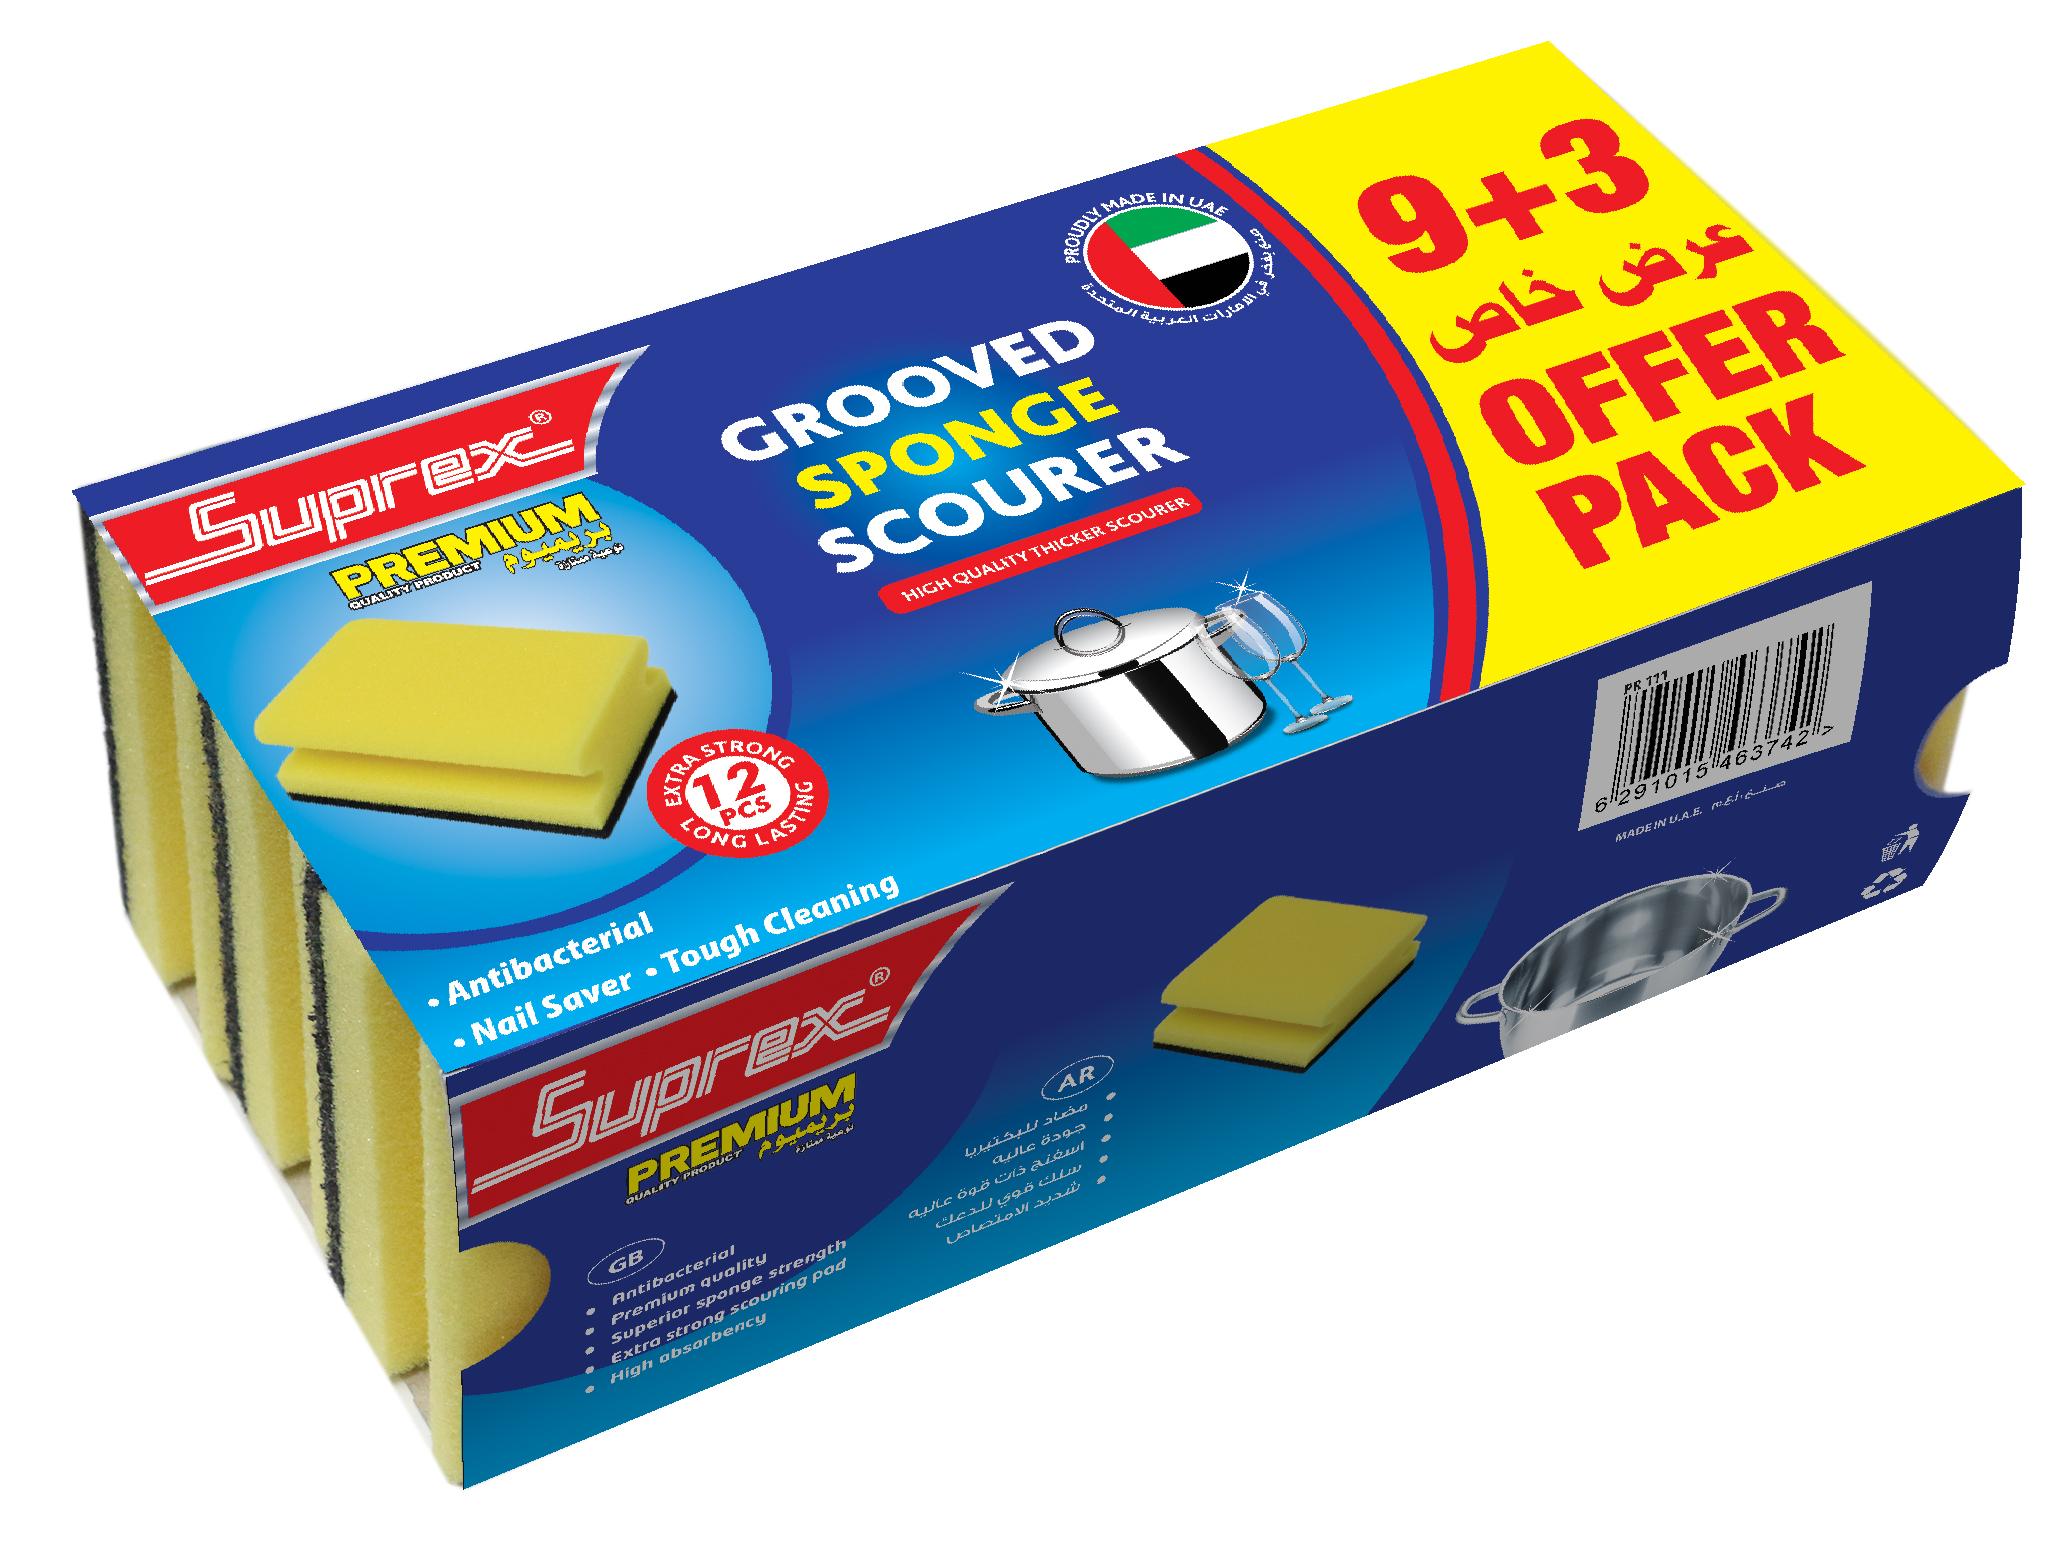 Grooved Sponge Scourer - 9+3 Offer Pack